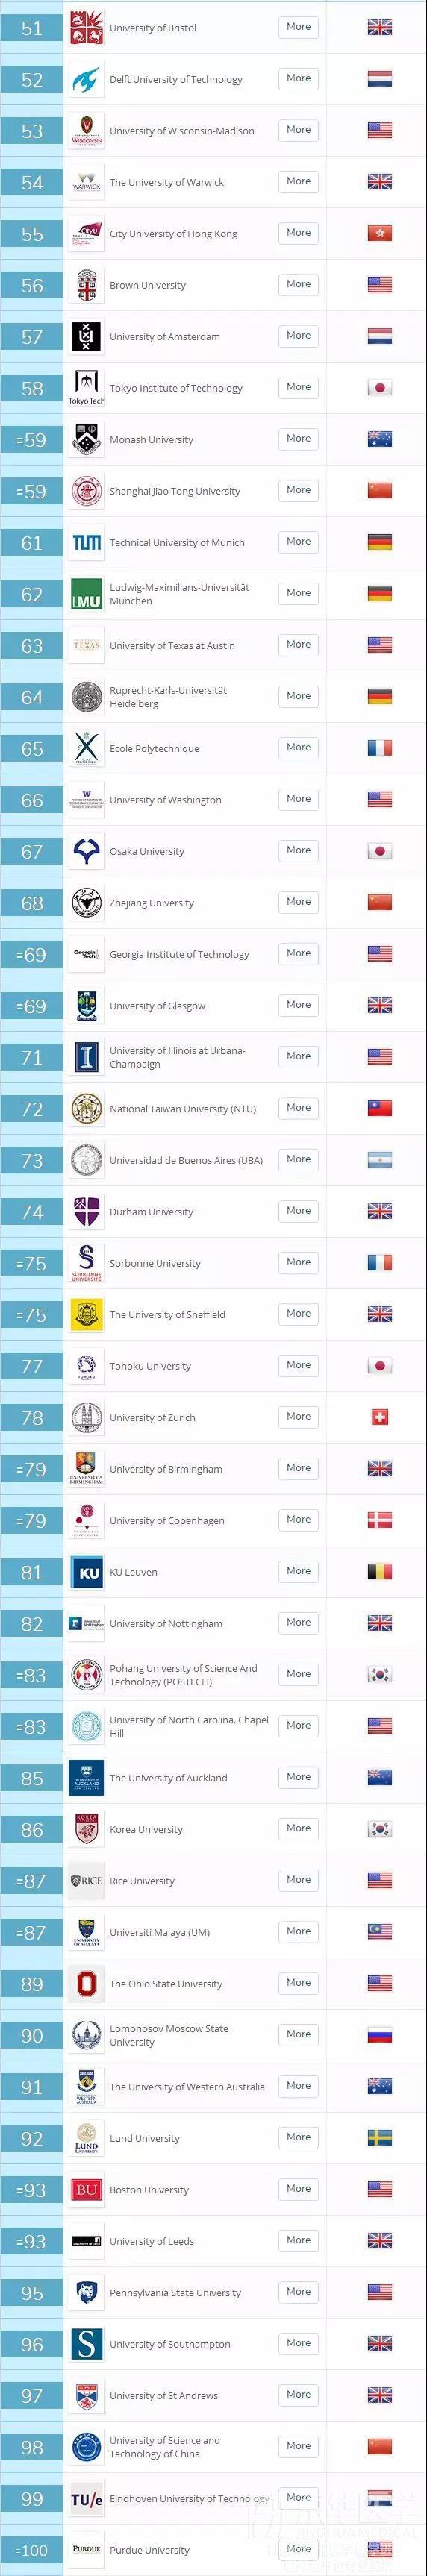 2019年QS世界大学排名最新修正版